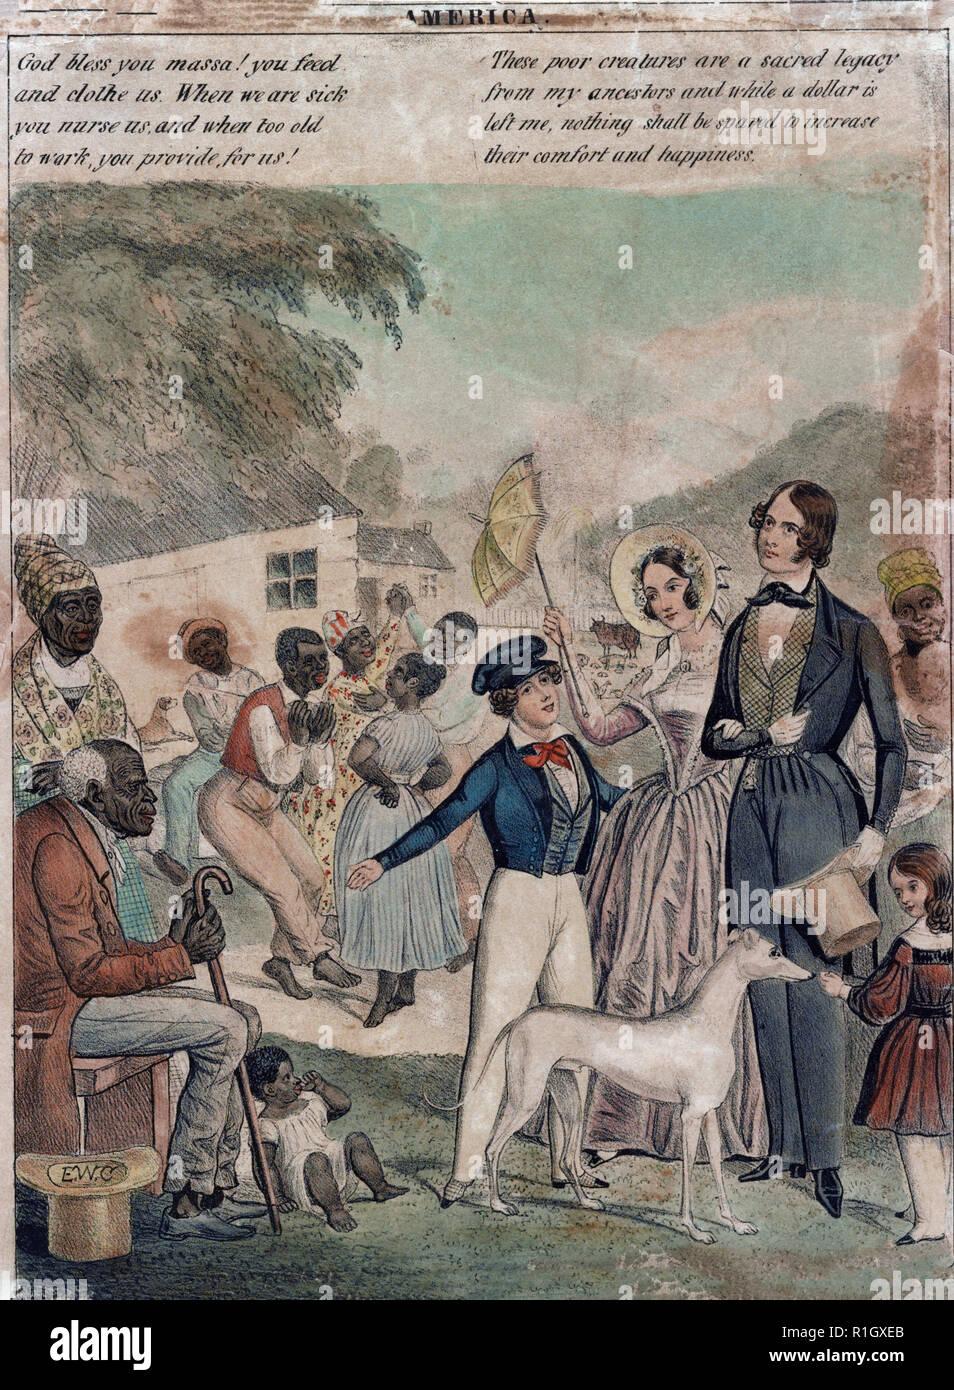 """América, 1841 - Impresión muestra una representación idealizada de la esclavitud americana y las condiciones de los negros bajo este sistema en 1841. La biblioteca en la impresión de la impresión es un fragmento--el panel izquierdo solamente-- de una mayor impresión en blanco y negro titulada """"La esclavitud"""", lo que contrasta con la situación de que Gran Bretaña abusado """"Esclavas blancas"""" (en realidad, obreros de fábrica, que aparecen en el panel de la derecha) y America's 'contento' de los esclavos negros. Weitenkampf sugiere con razón que se imprime como estos fueron publicados por el norte apologistas de la esclavitud. La labor de uno de esos apologista, E. W. arcilla, muestra una constante falta de simpatía Imagen De Stock"""